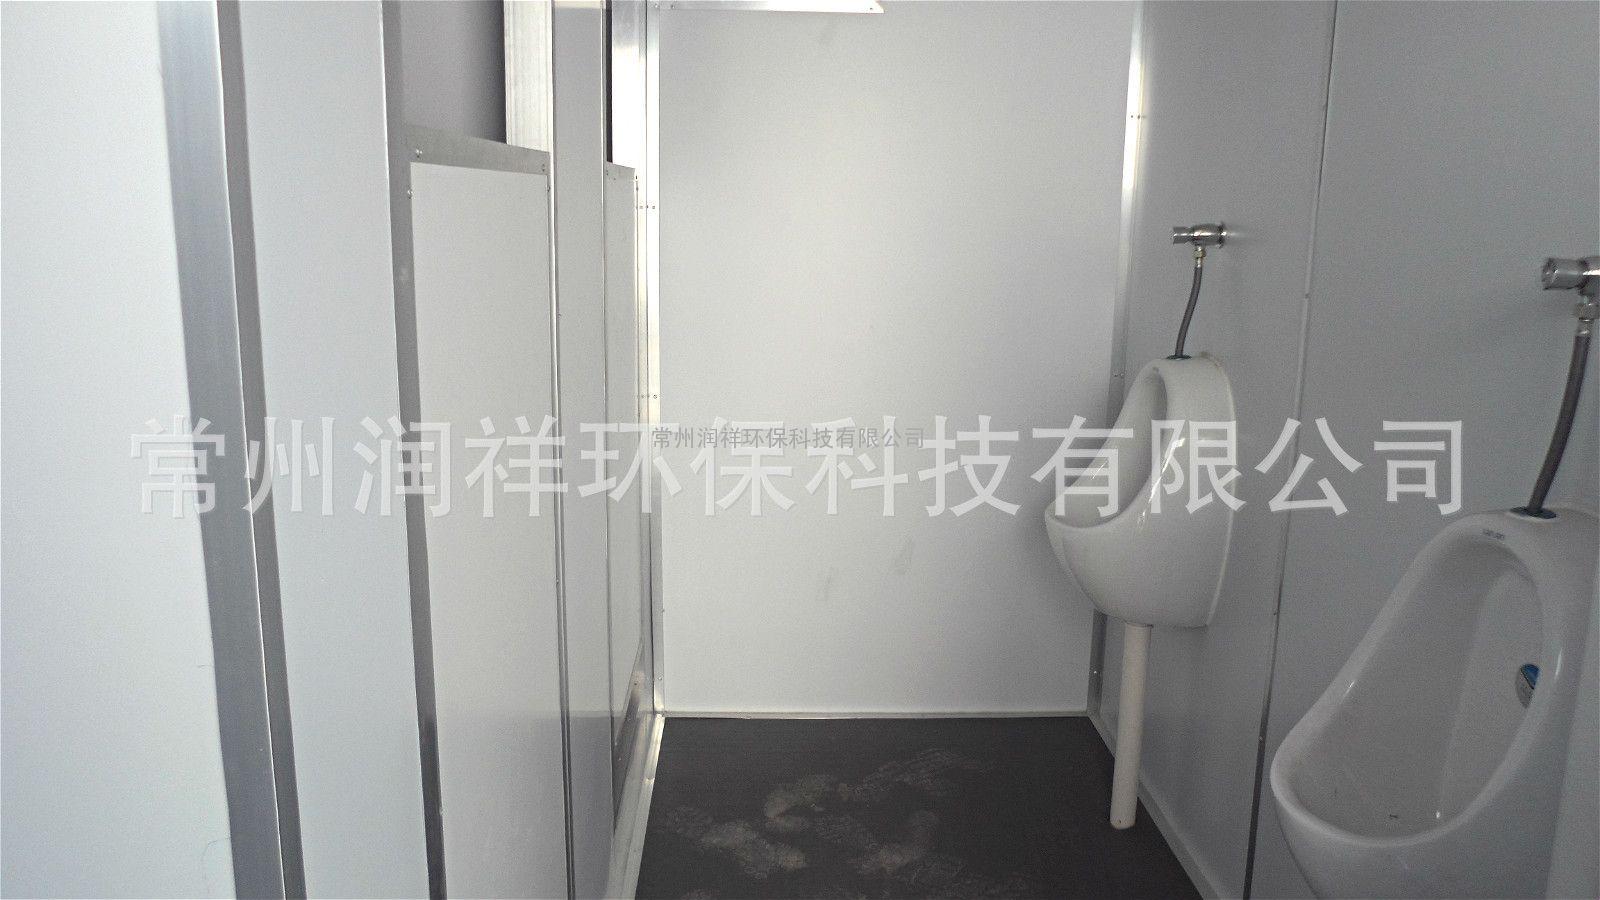 供应浙江慈溪环保厕所 台州景区环保厕所 江苏移动厕所厂家